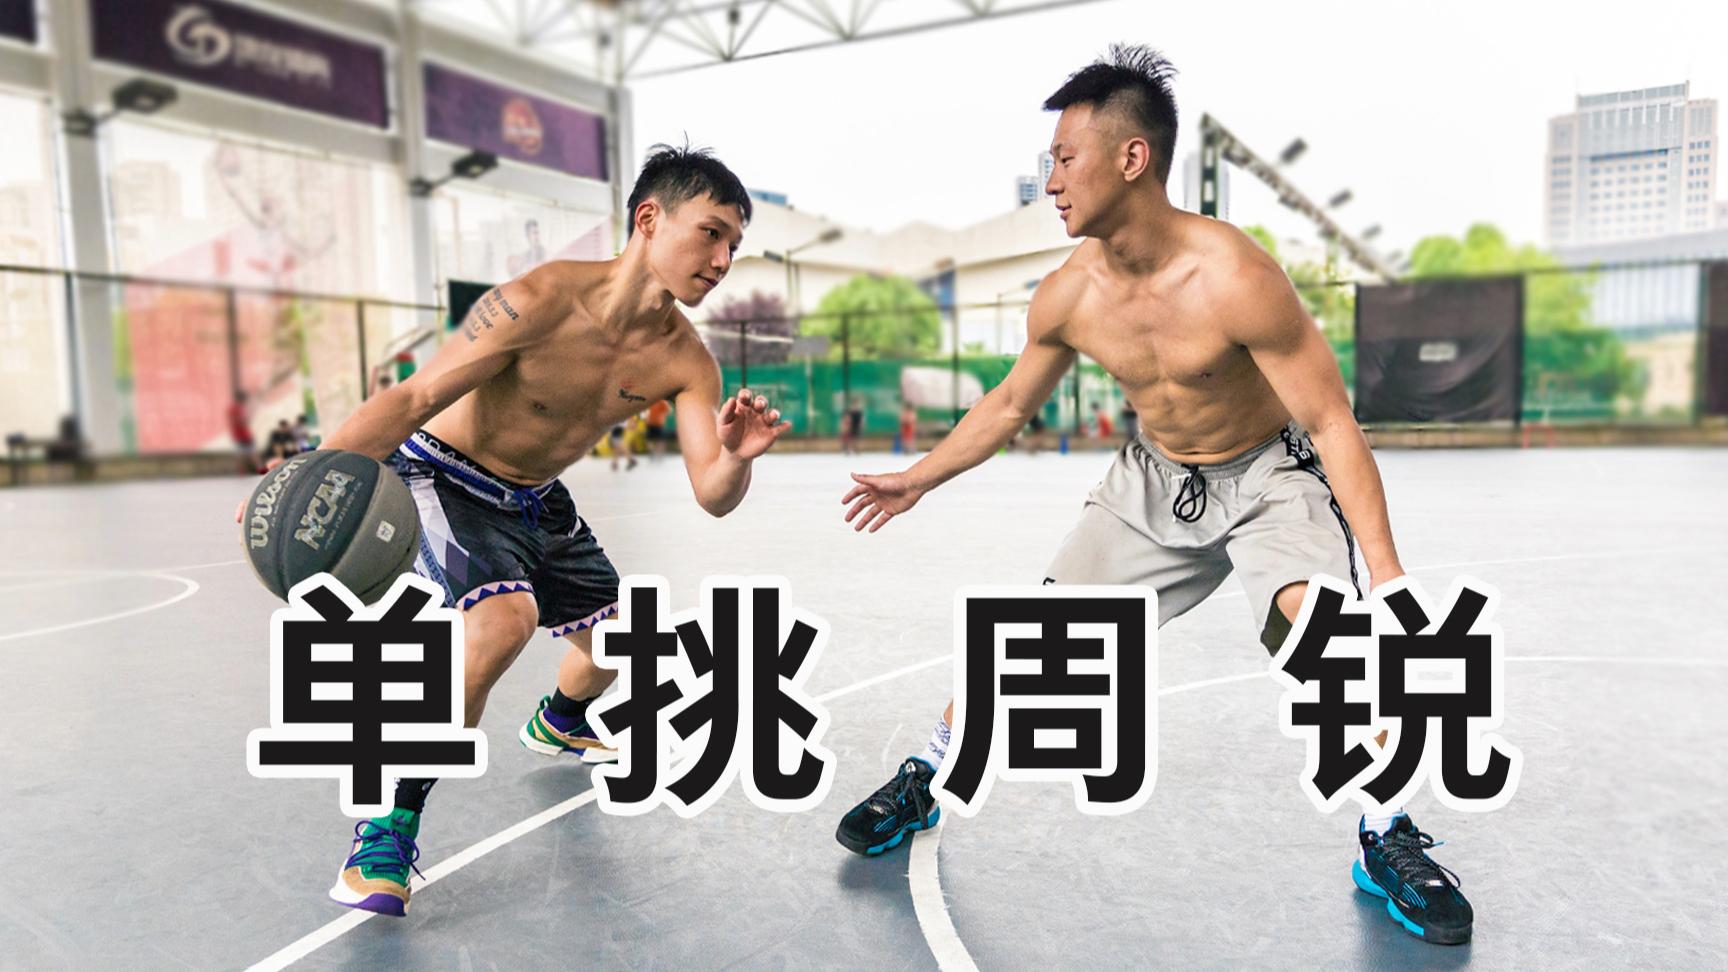 跟周锐训练第四天:不和强者单挑,怎么进步?